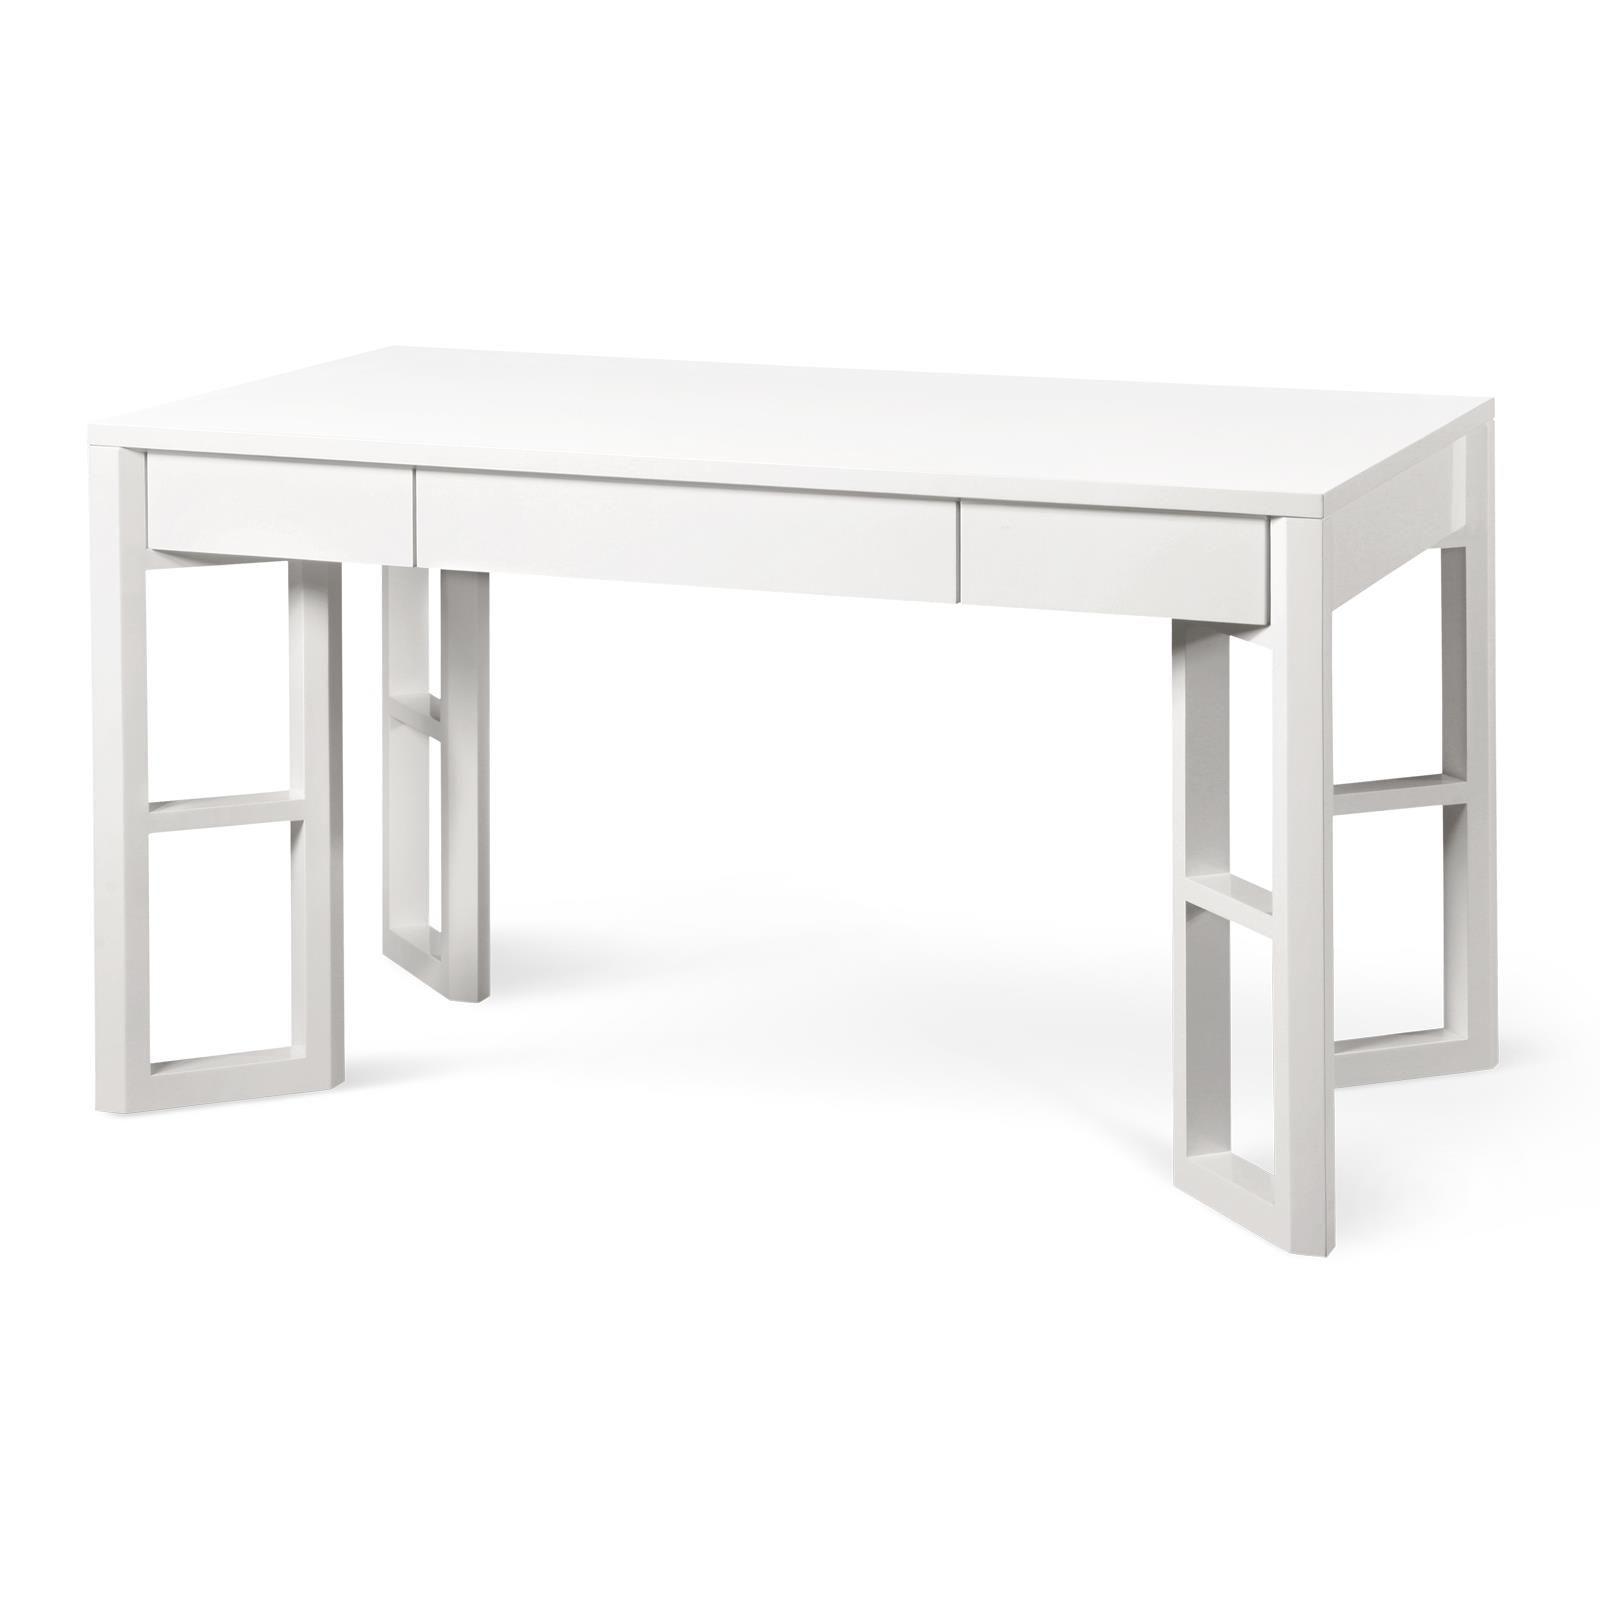 Nice Bungalow 5 Desk #5: Bungalow 5 Langham Desk - X X